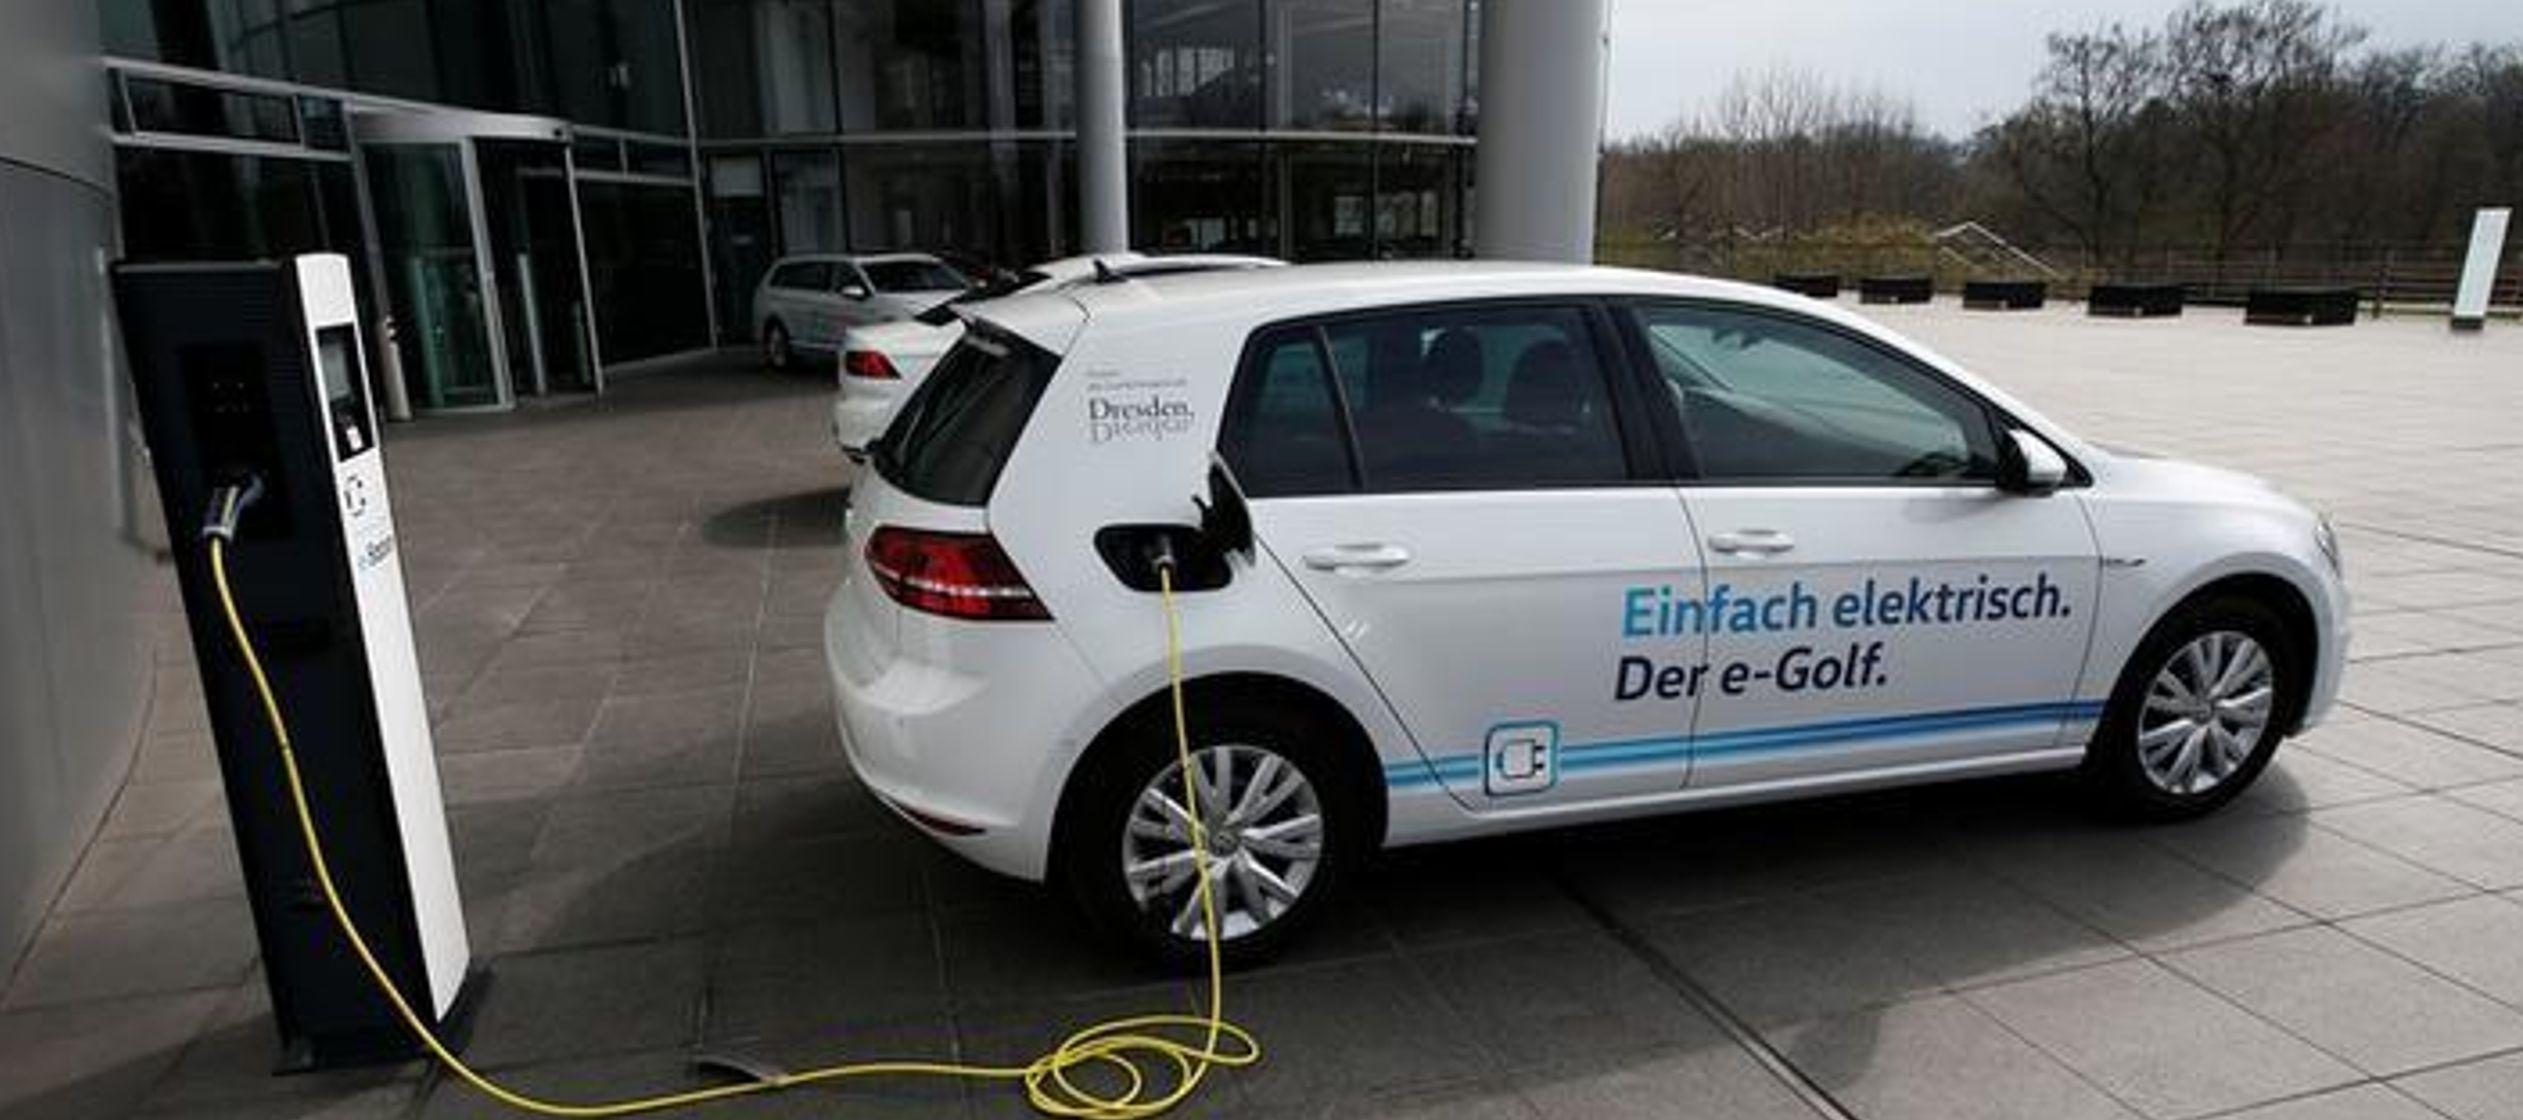 Su oferta competirá en el mercado nacional con DriveNow y Car2Go, los servicios se auto...